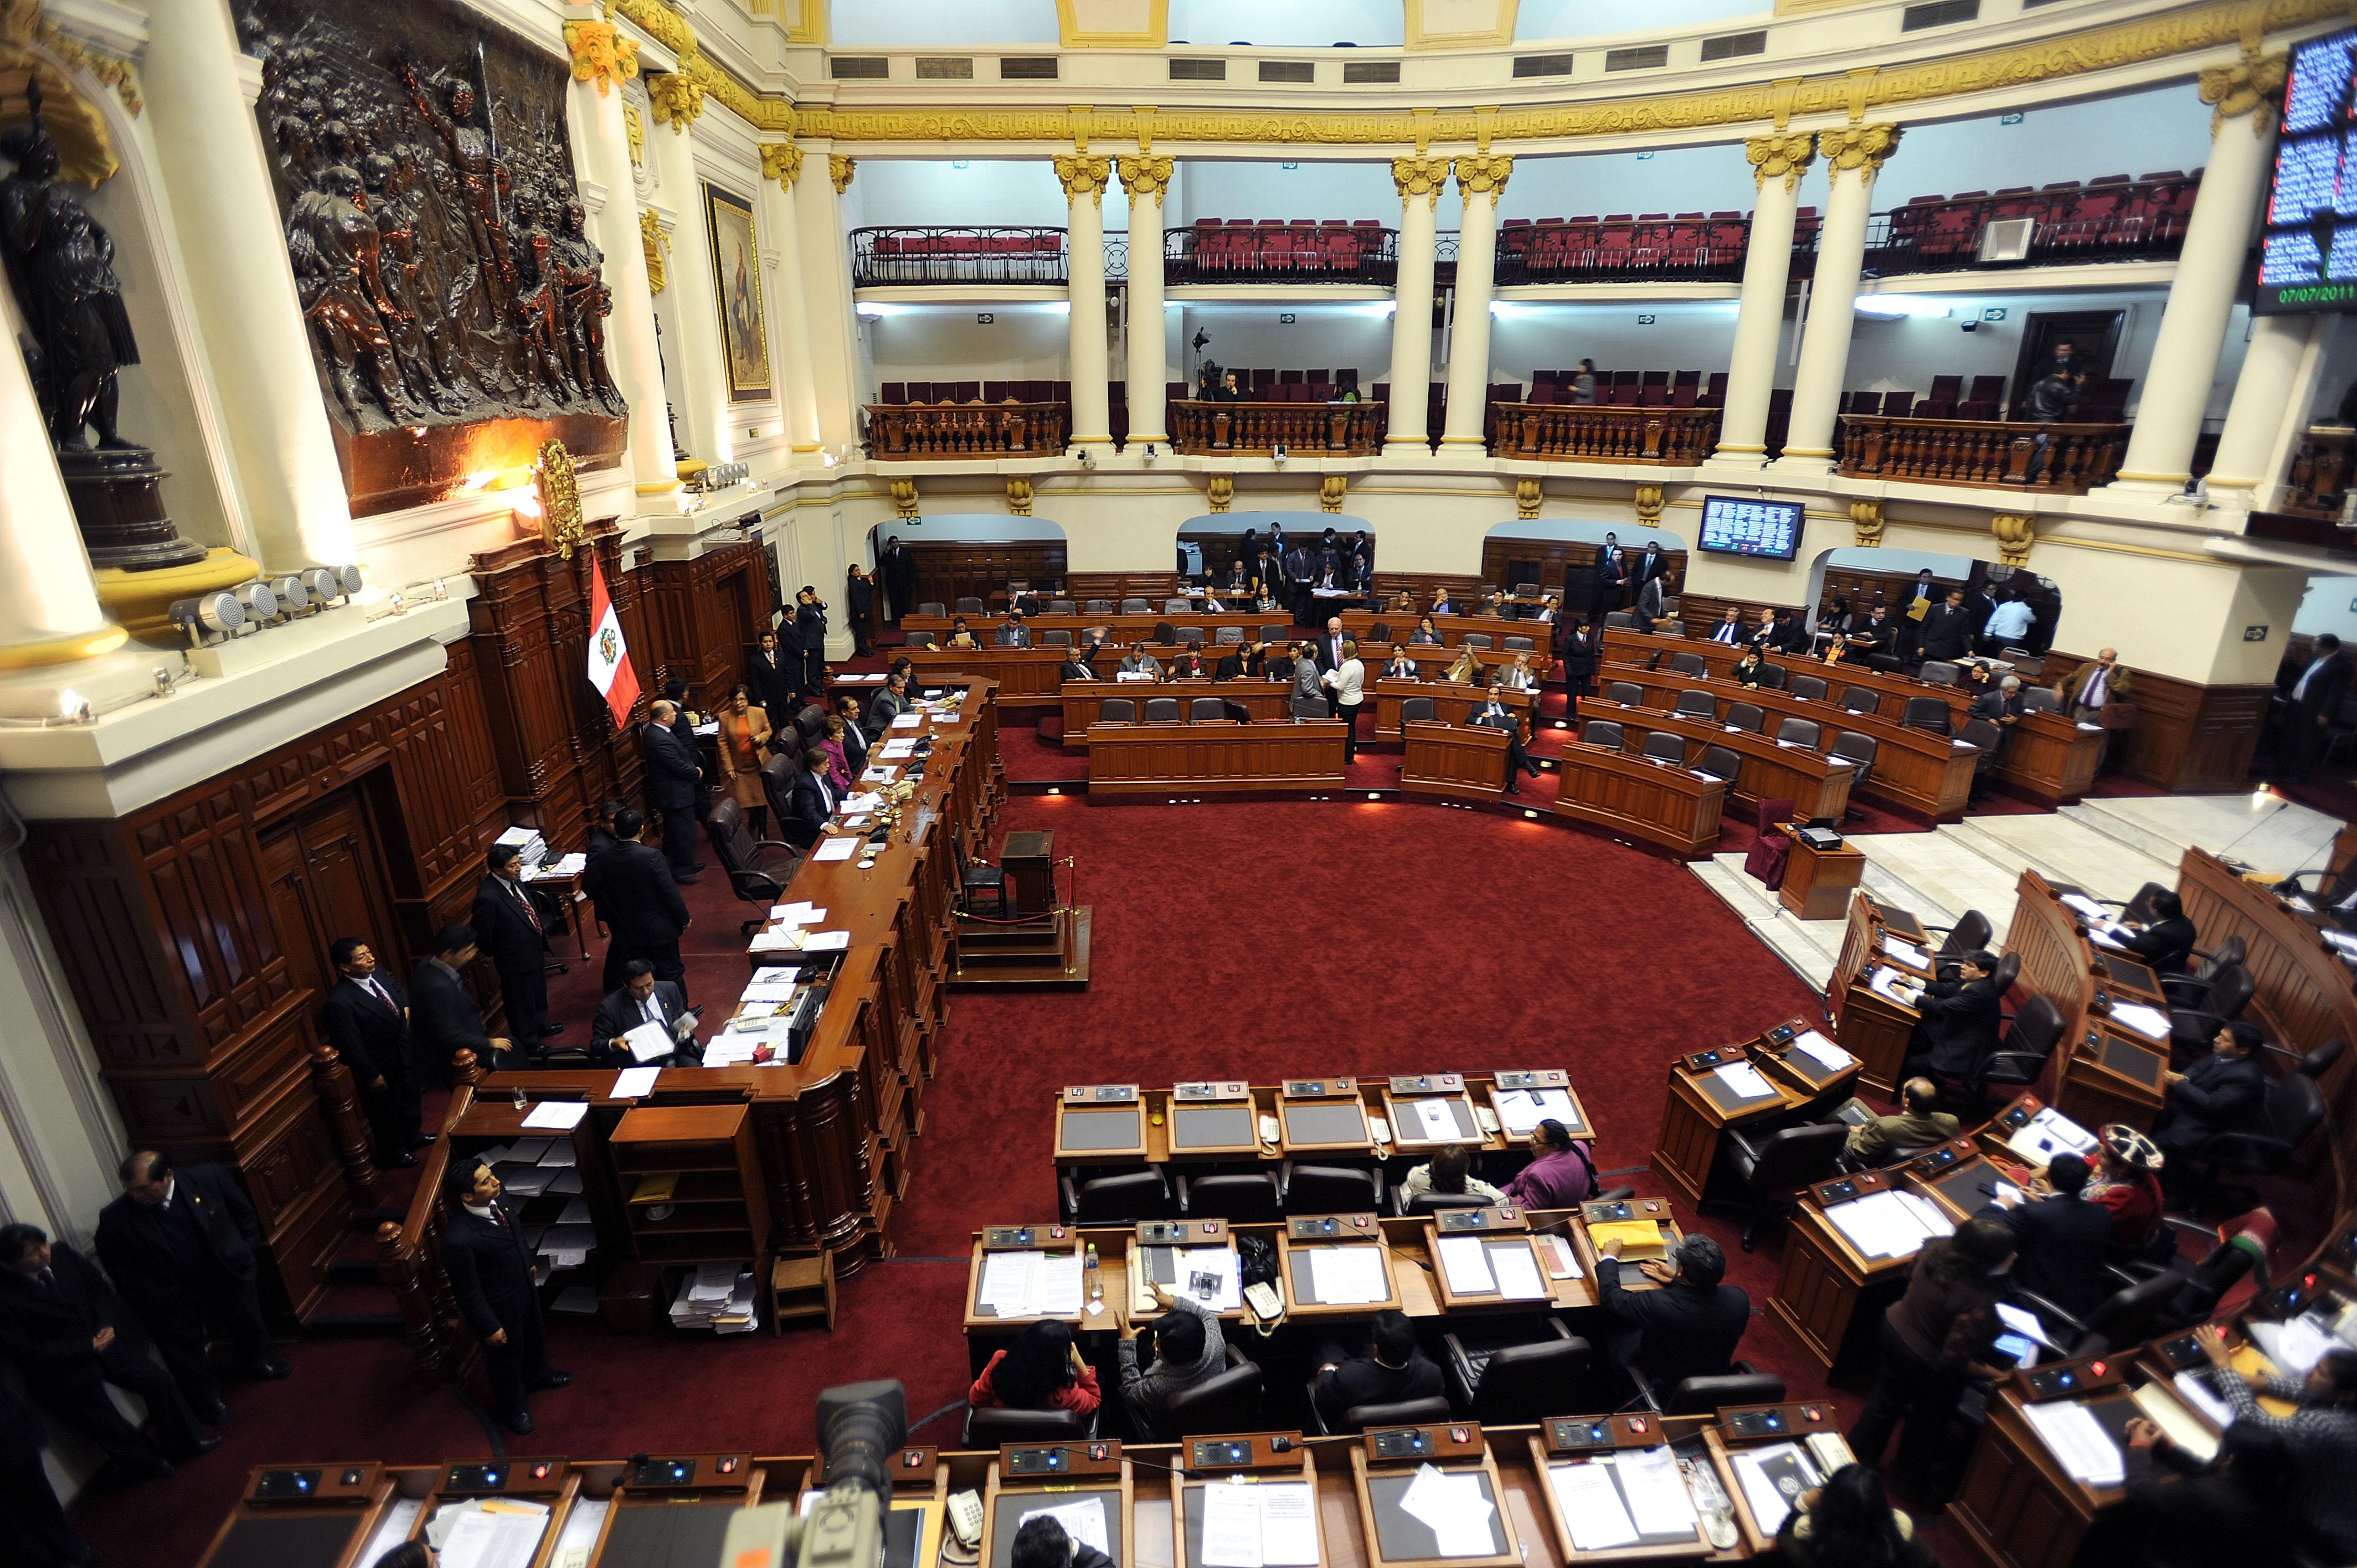 Fuente de la imagen: Congreso de la República